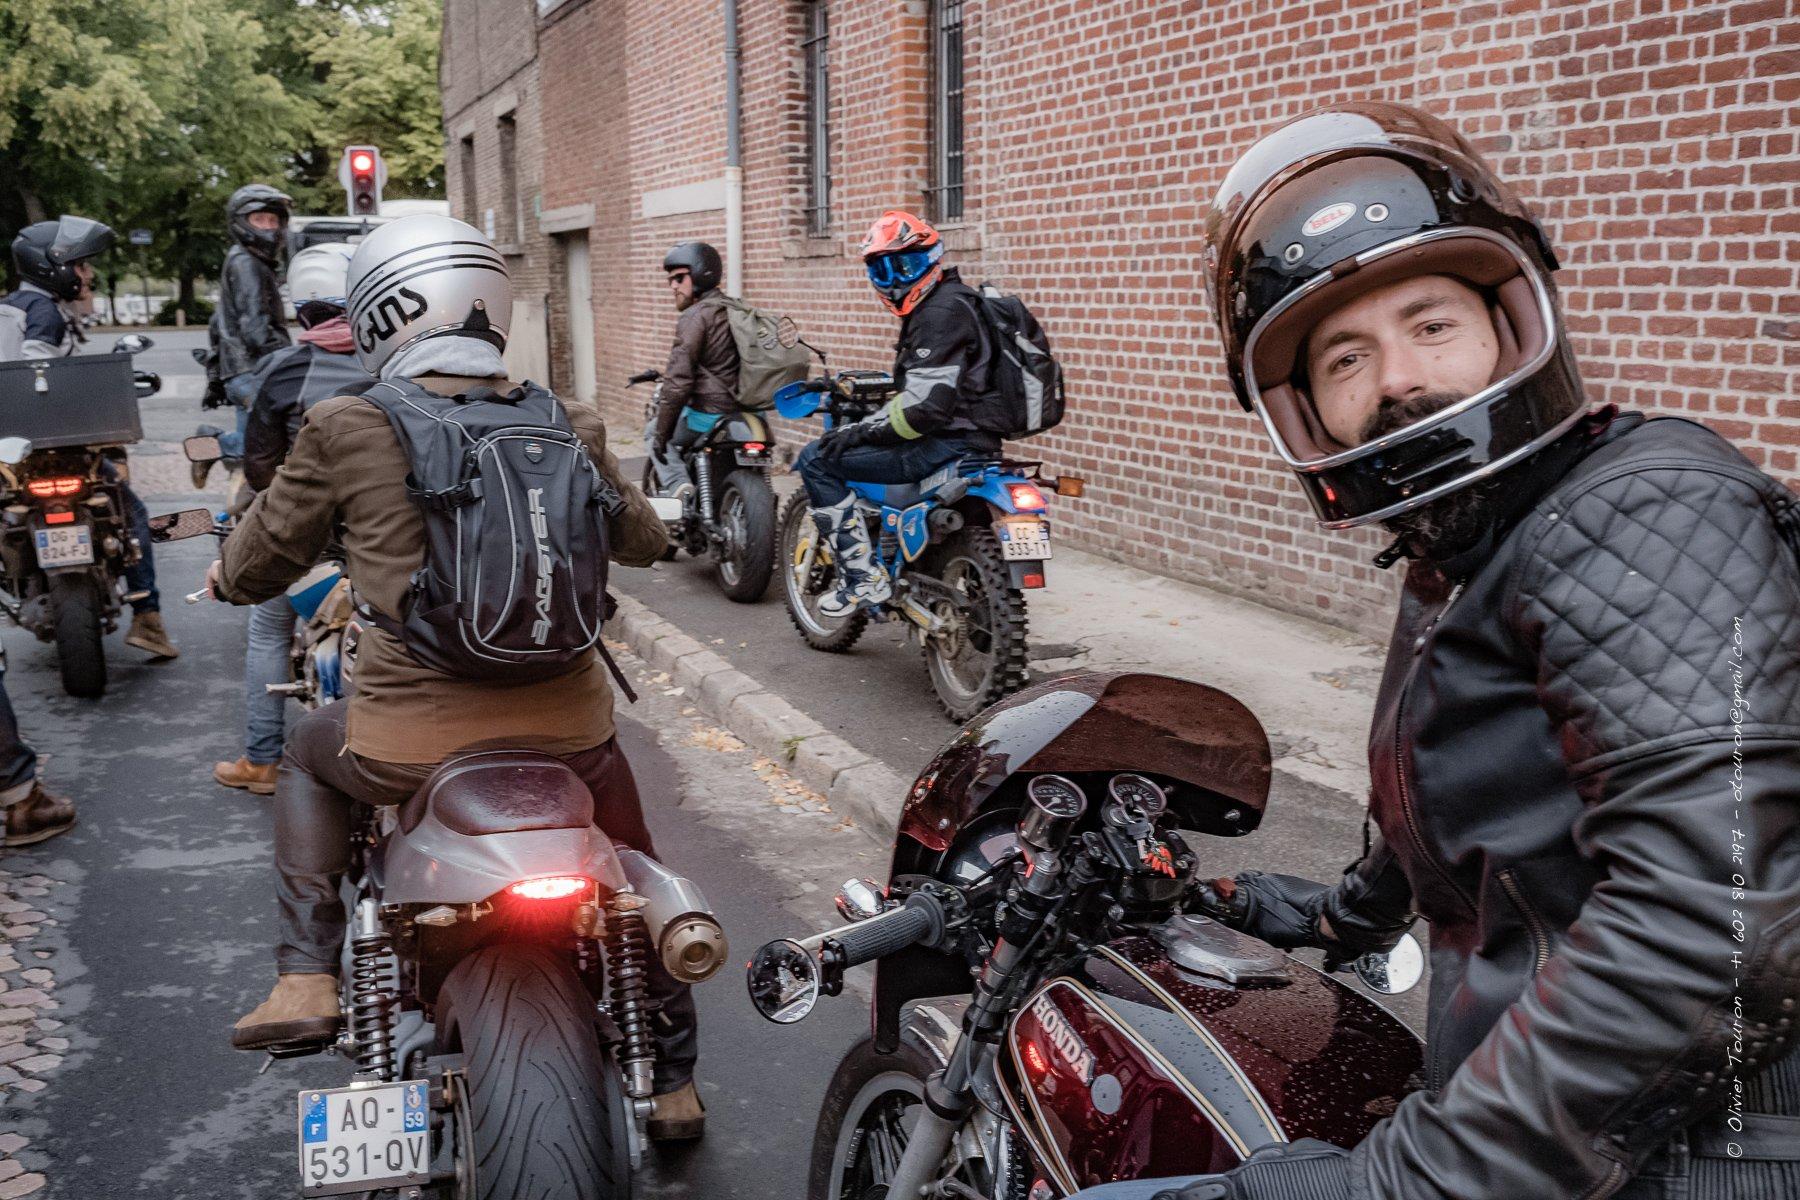 28 juillet 2017. Lille. 55 ème Rassemblement mensuel motard à l'initiative d'Un Pneu Dans La Tombe. Avec en deuxième partie un BBQ chez Alex à Pérenchies. // © Olivier Touron / Divergence